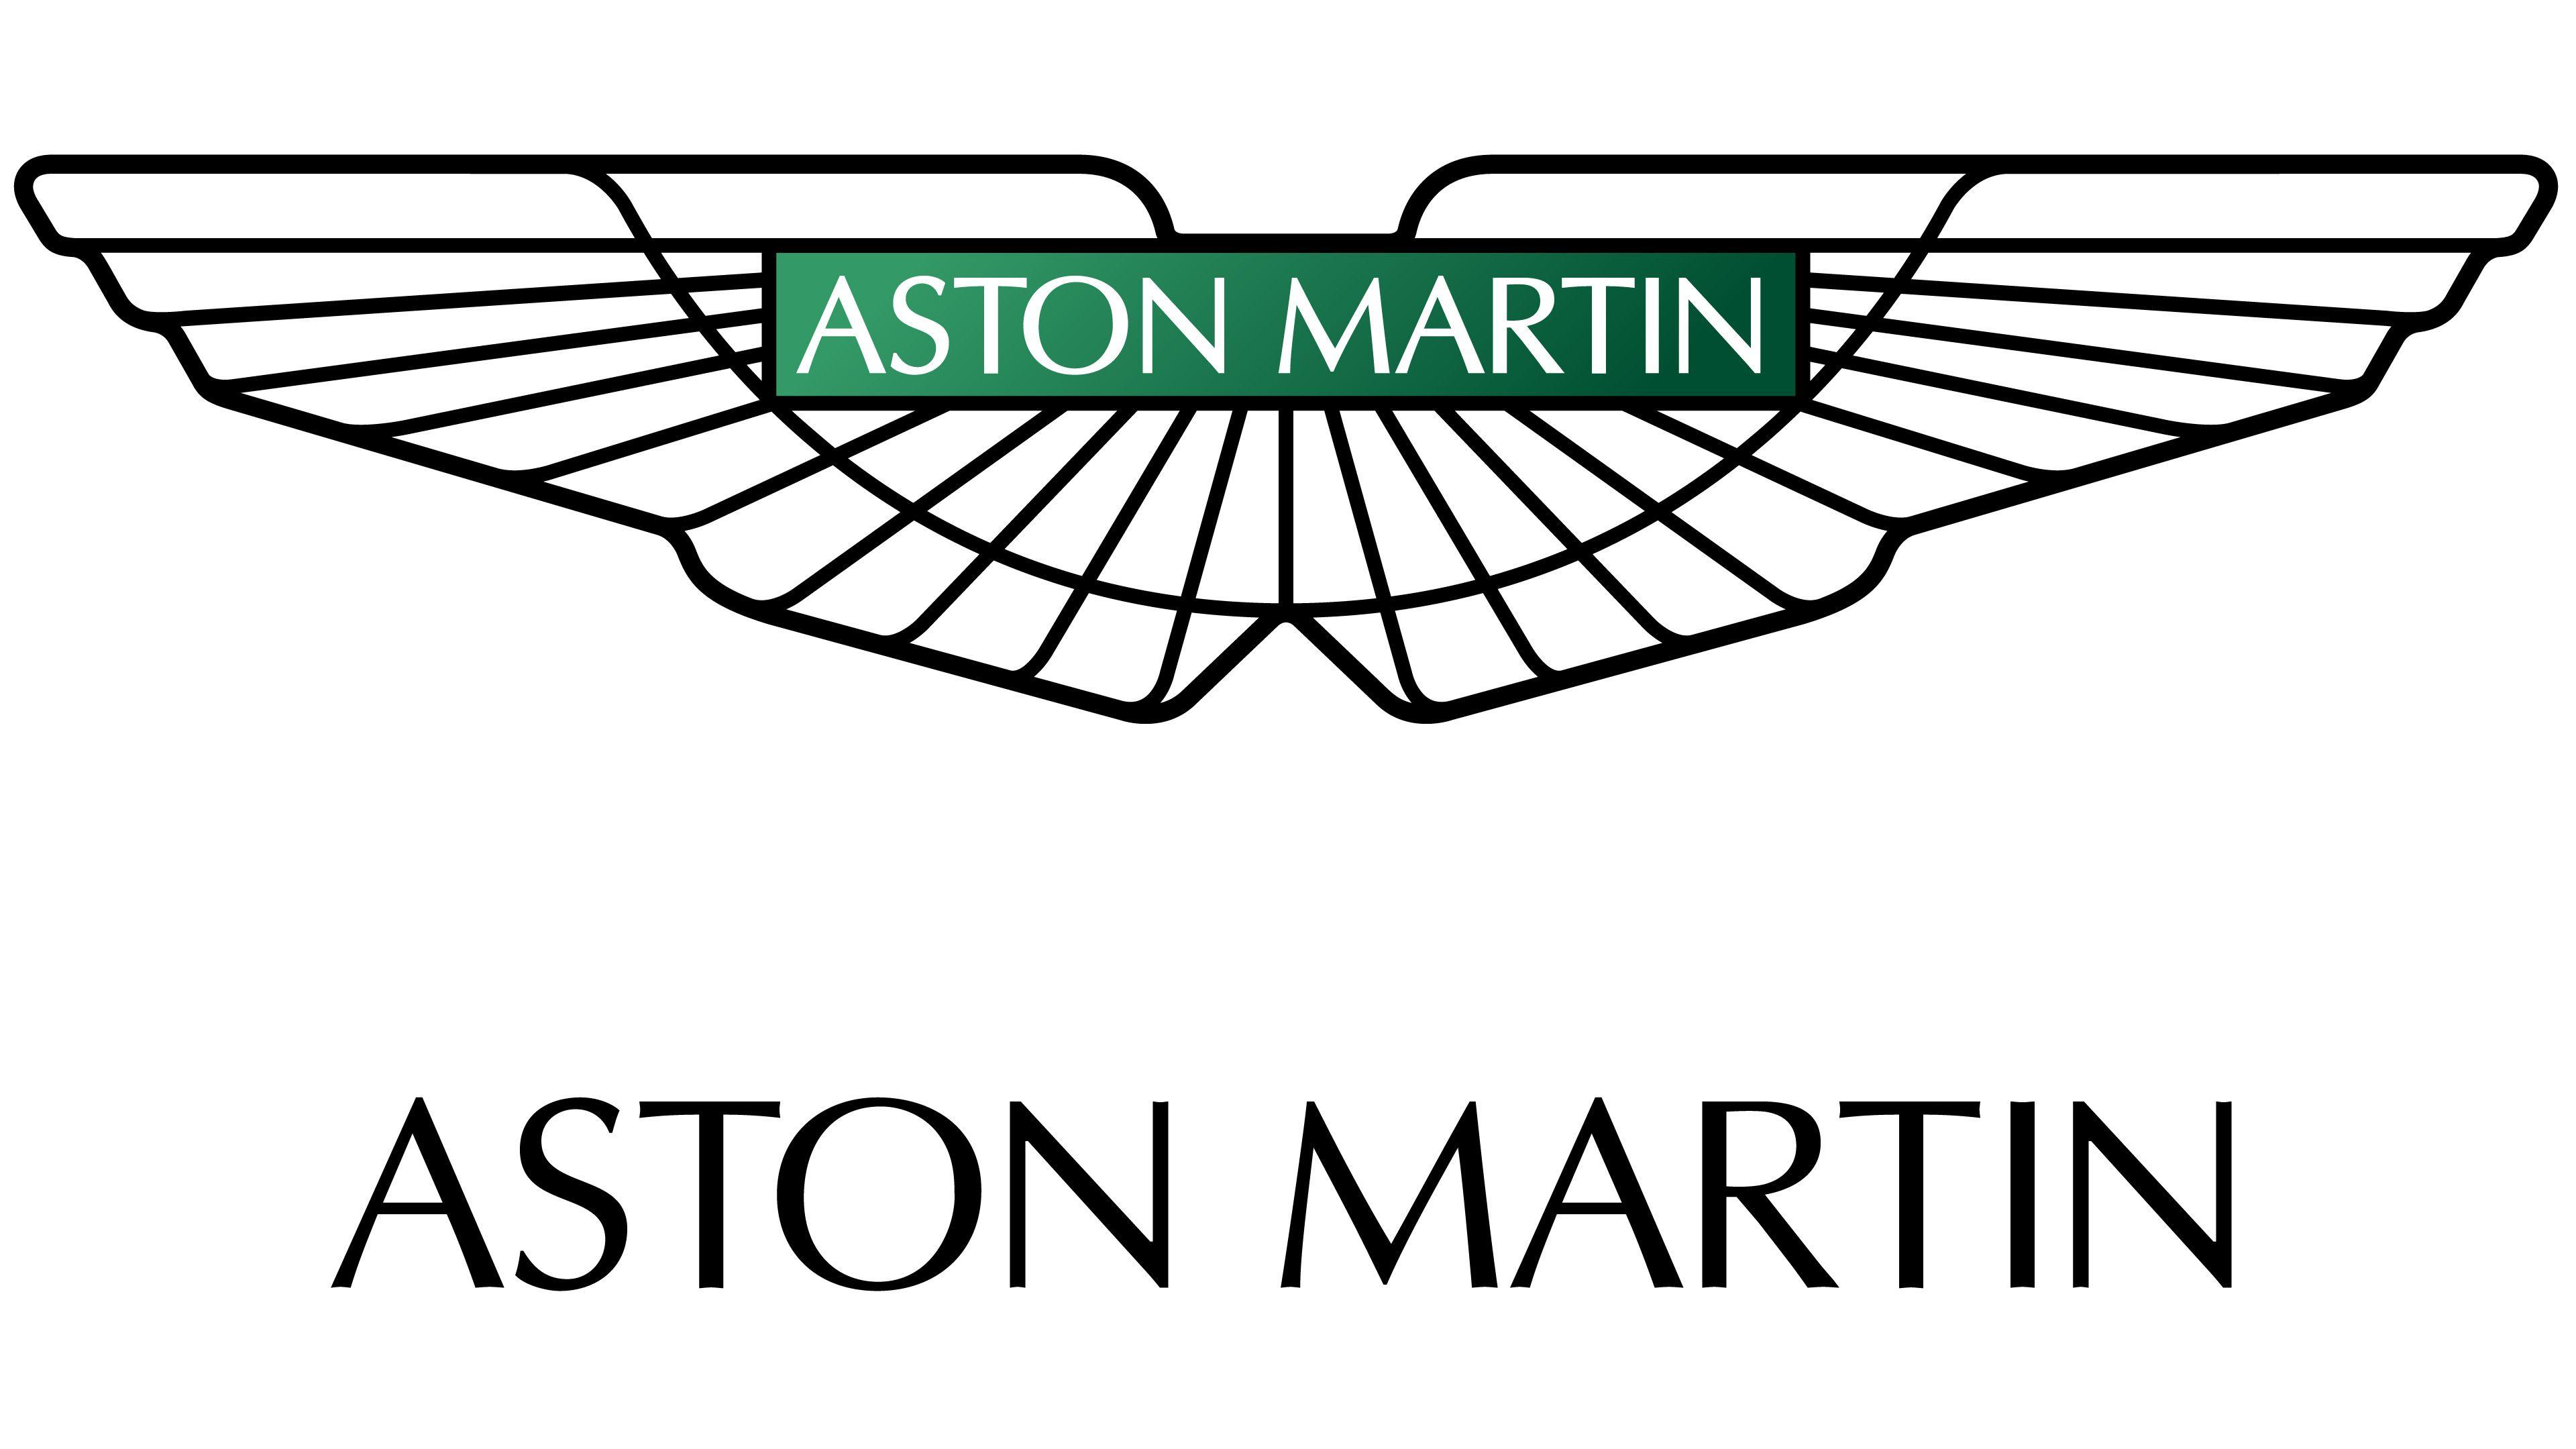 aston martin logo vector Aston martin, Aston, Aston